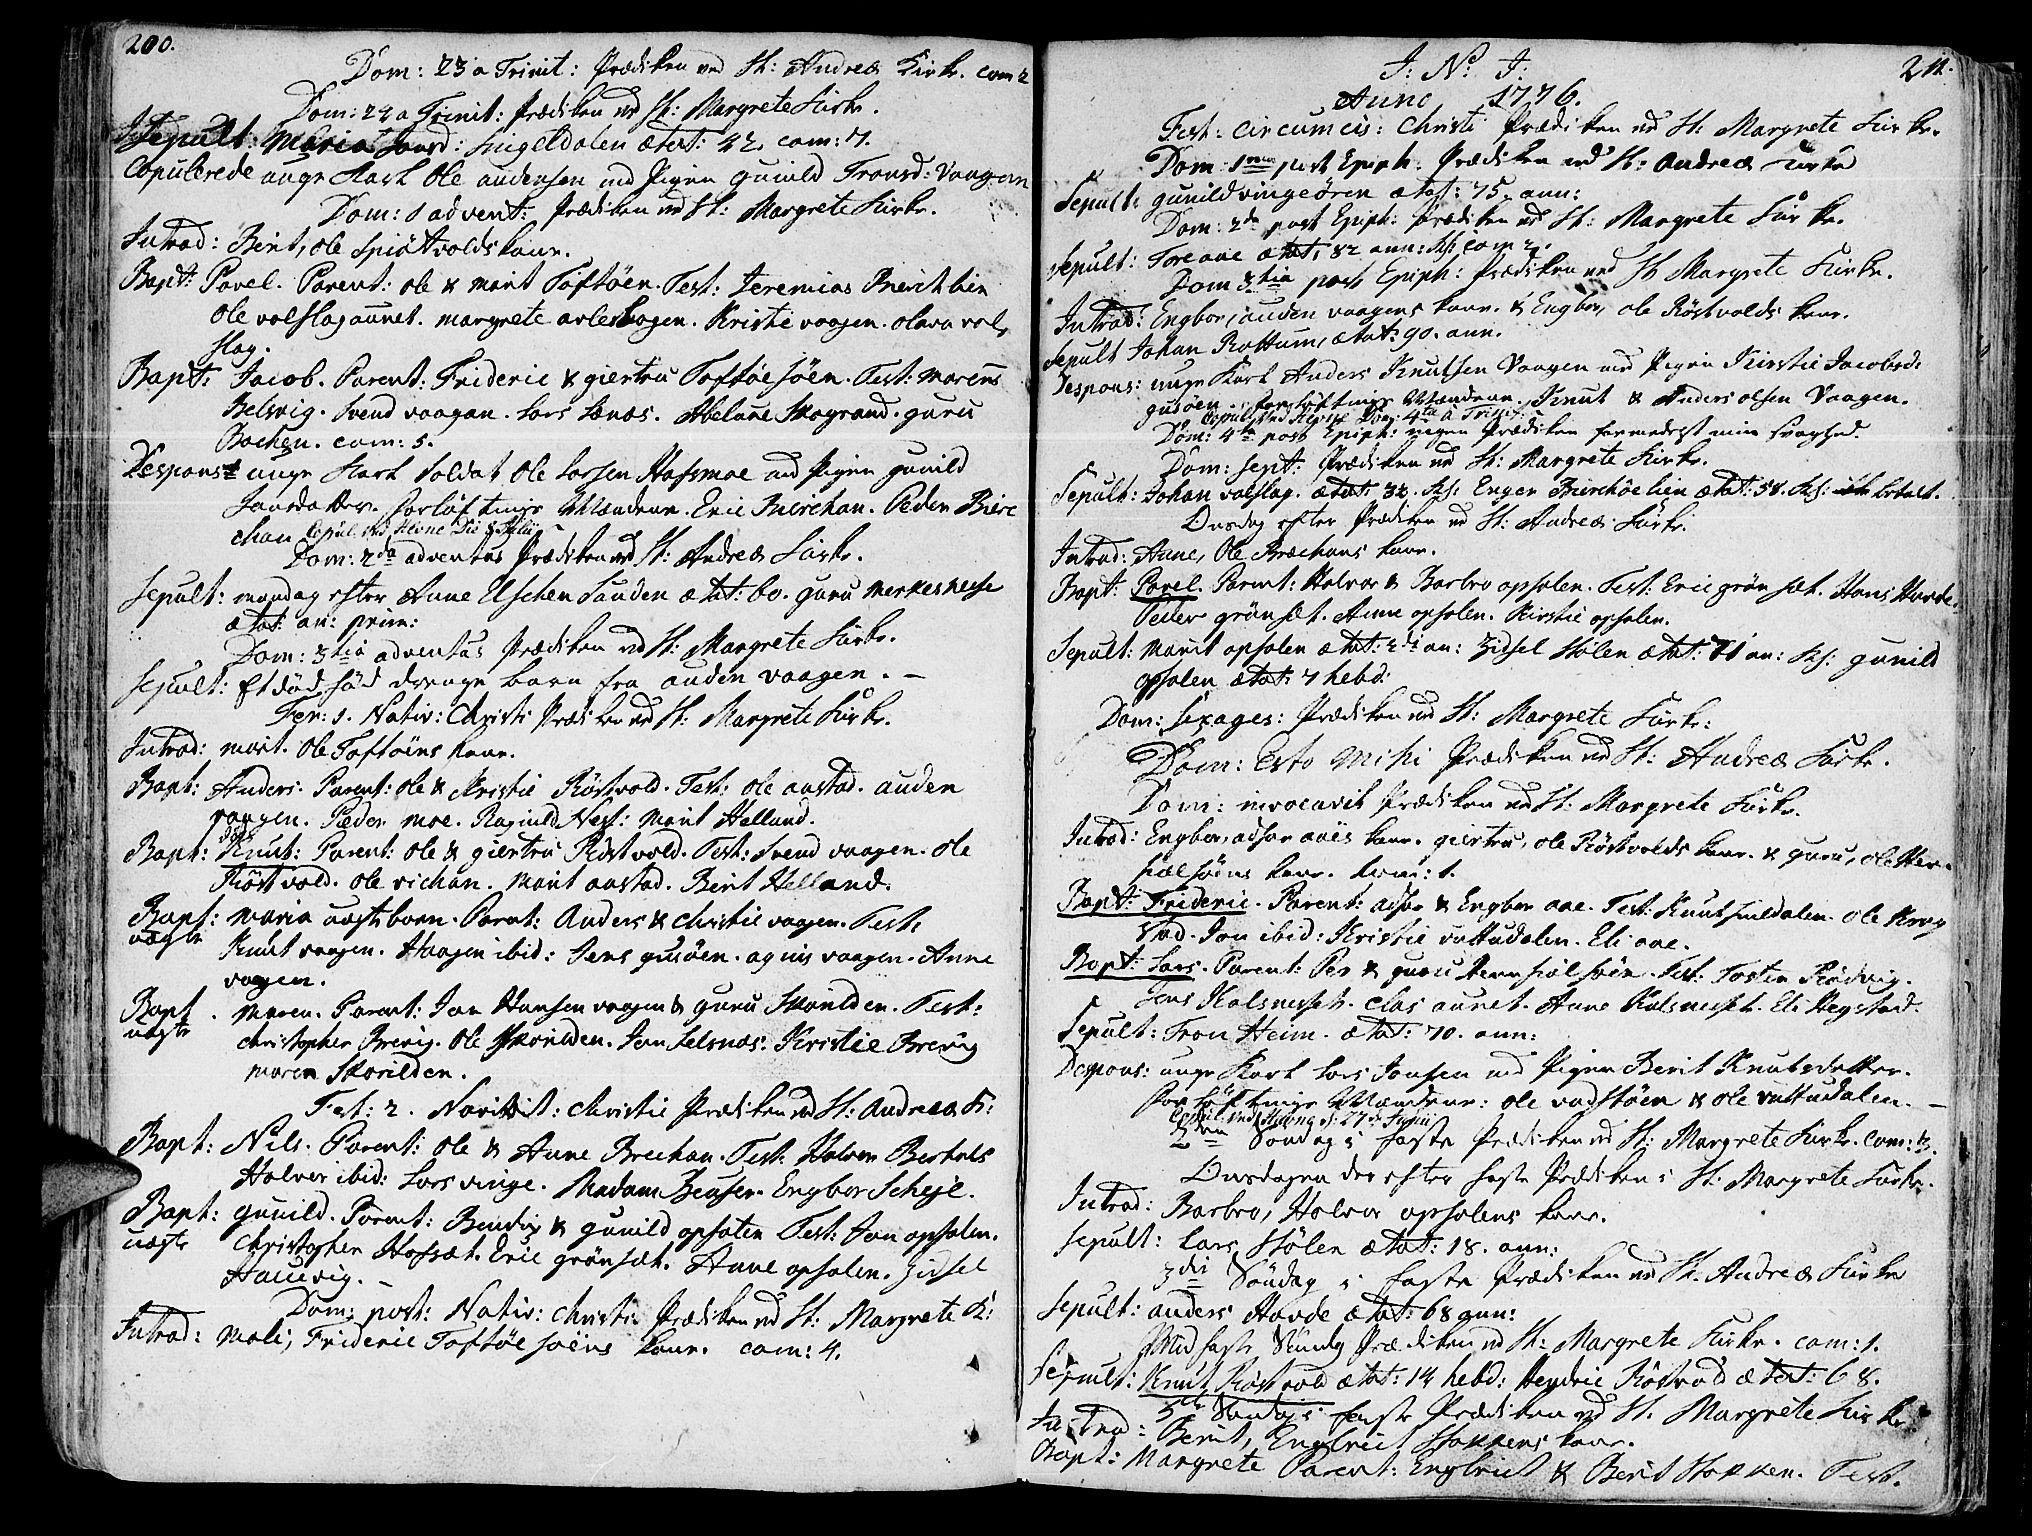 SAT, Ministerialprotokoller, klokkerbøker og fødselsregistre - Sør-Trøndelag, 630/L0489: Ministerialbok nr. 630A02, 1757-1794, s. 200-211